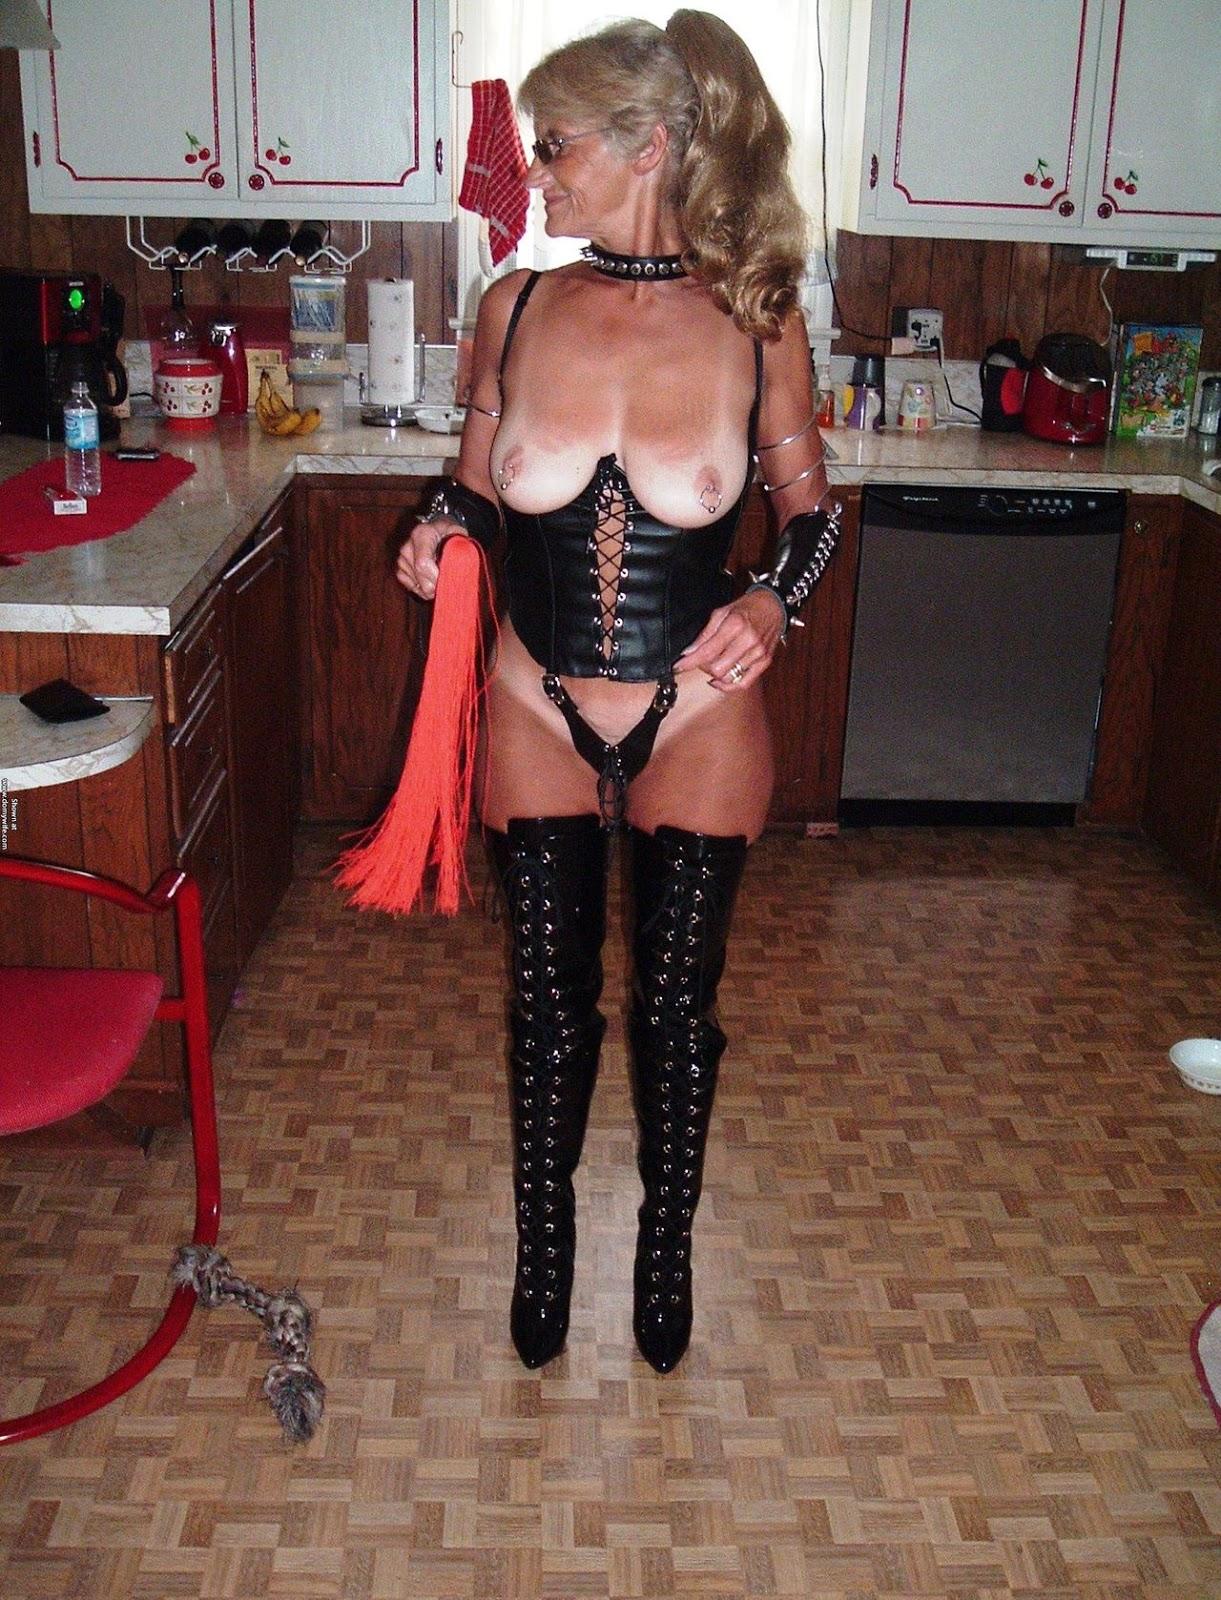 50 Plus Milf dressed to please - linda mahoney art